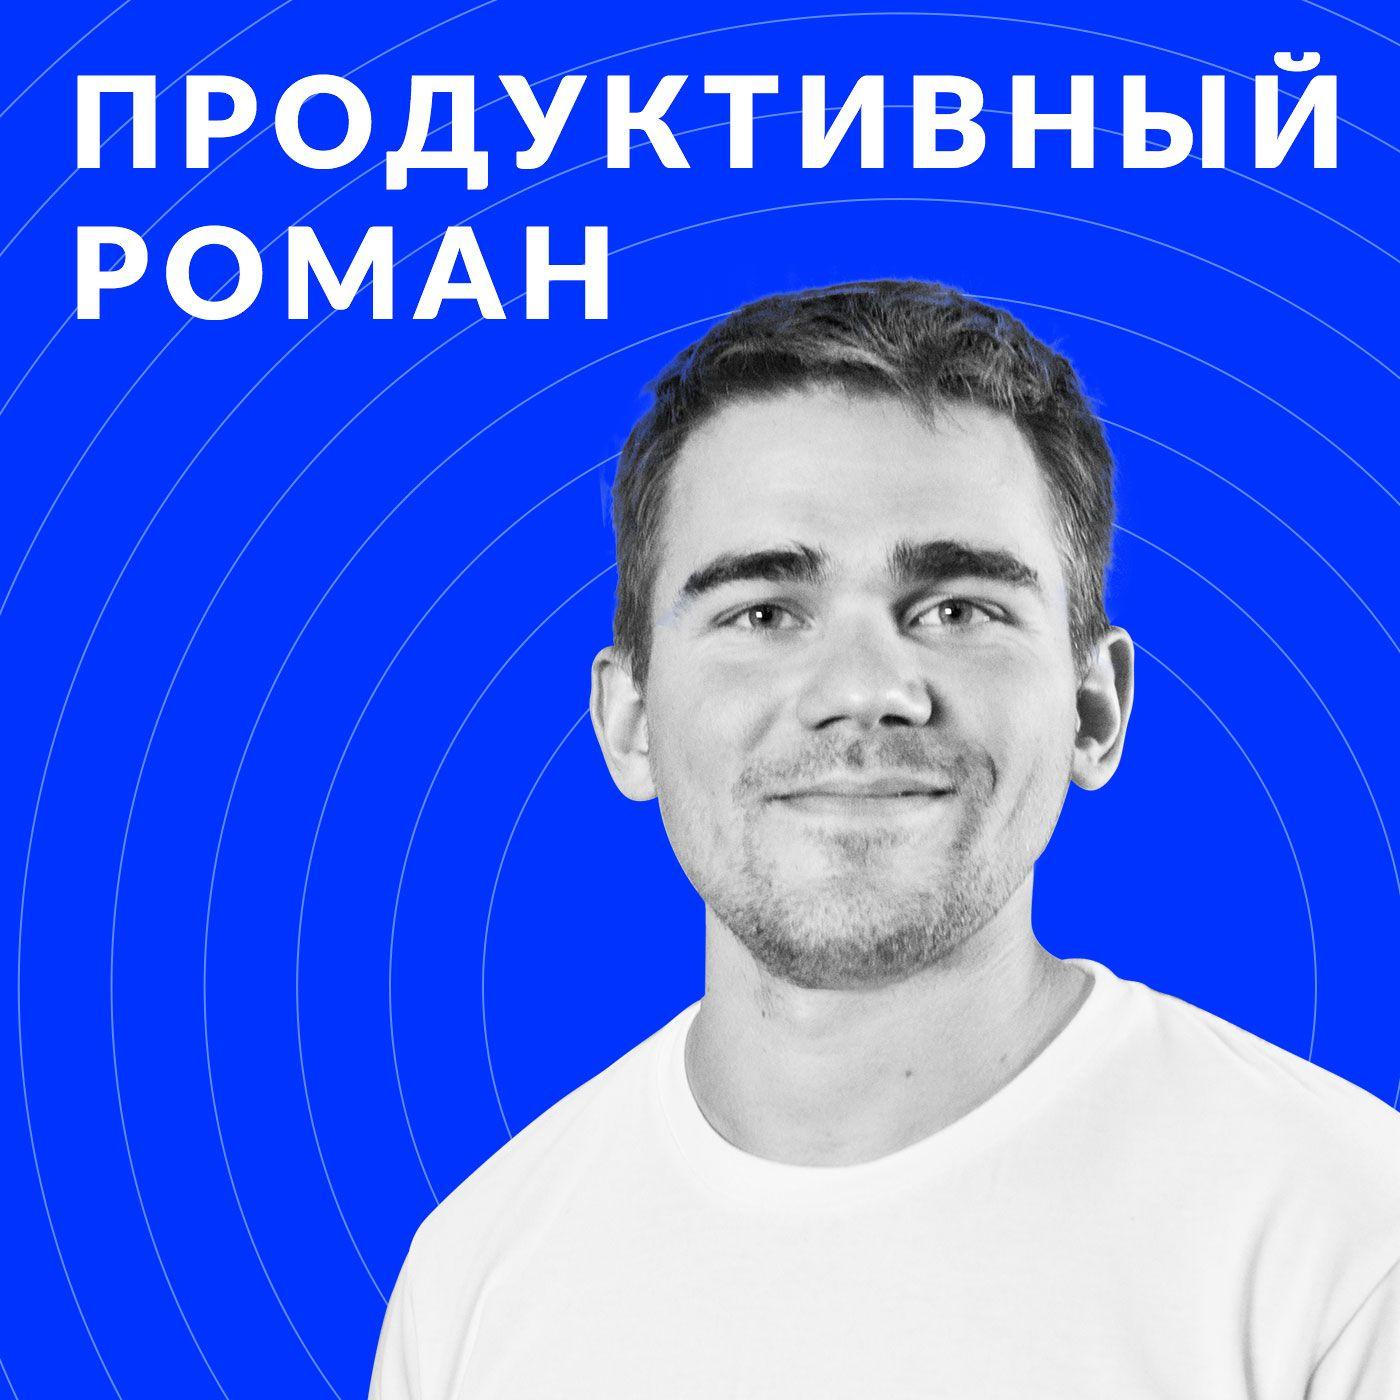 Продуктивный Роман